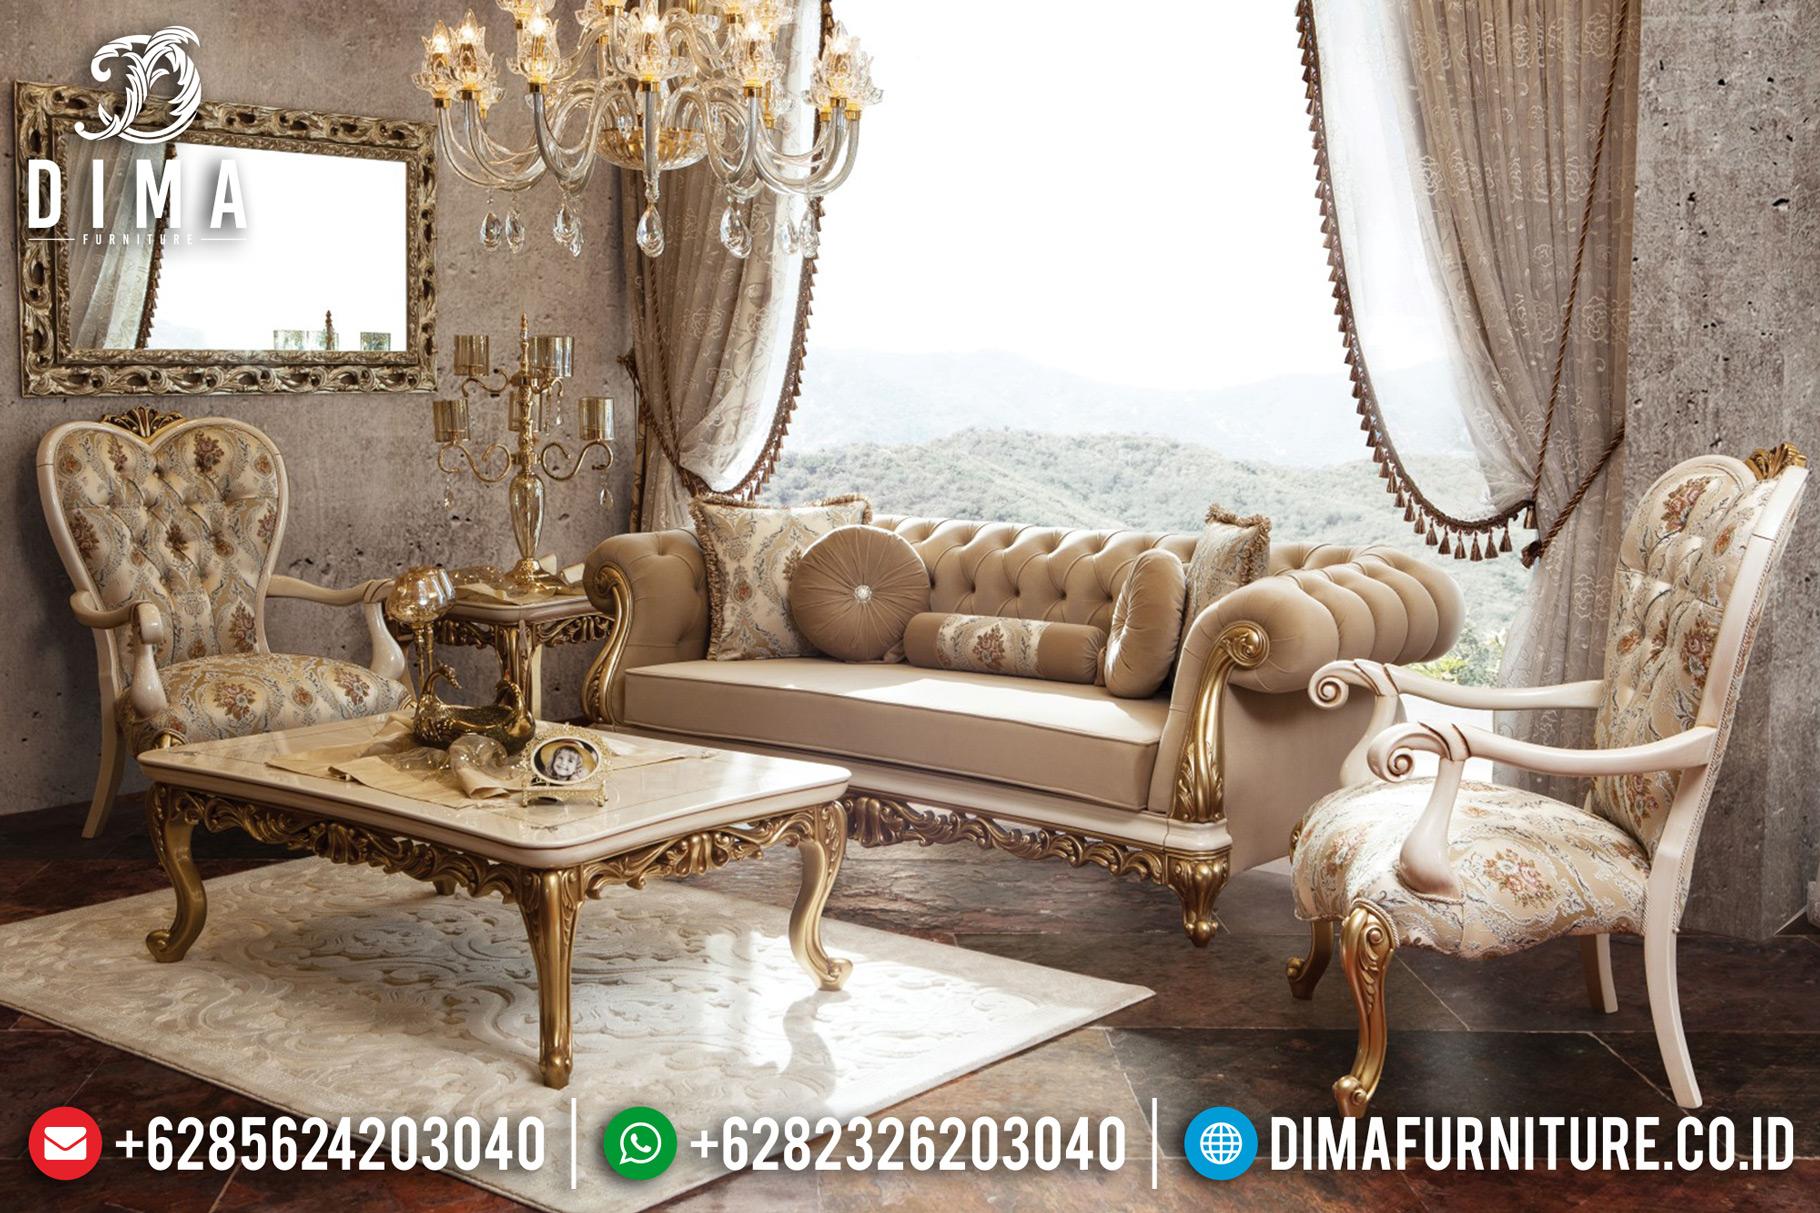 Mebel Terbaru Sofa Tamu Jepara Mewah Classic Duco Putih Emas DF-0650